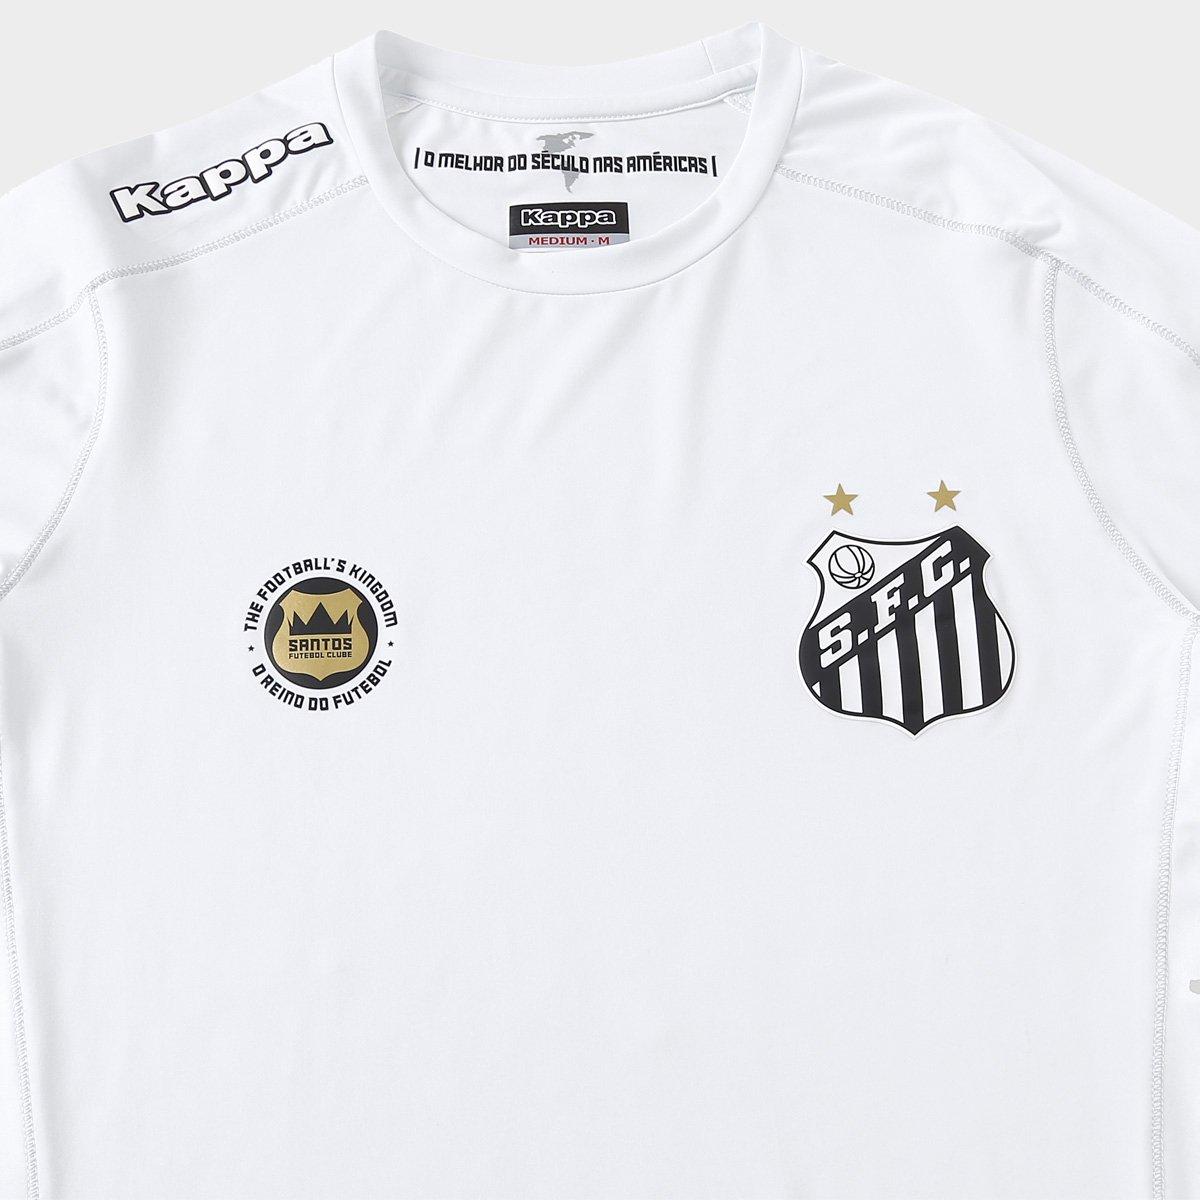 e9cab2d83 Camisa Santos Kombat I 17 18 s nº Jogador Kappa Masculina - Branco ...